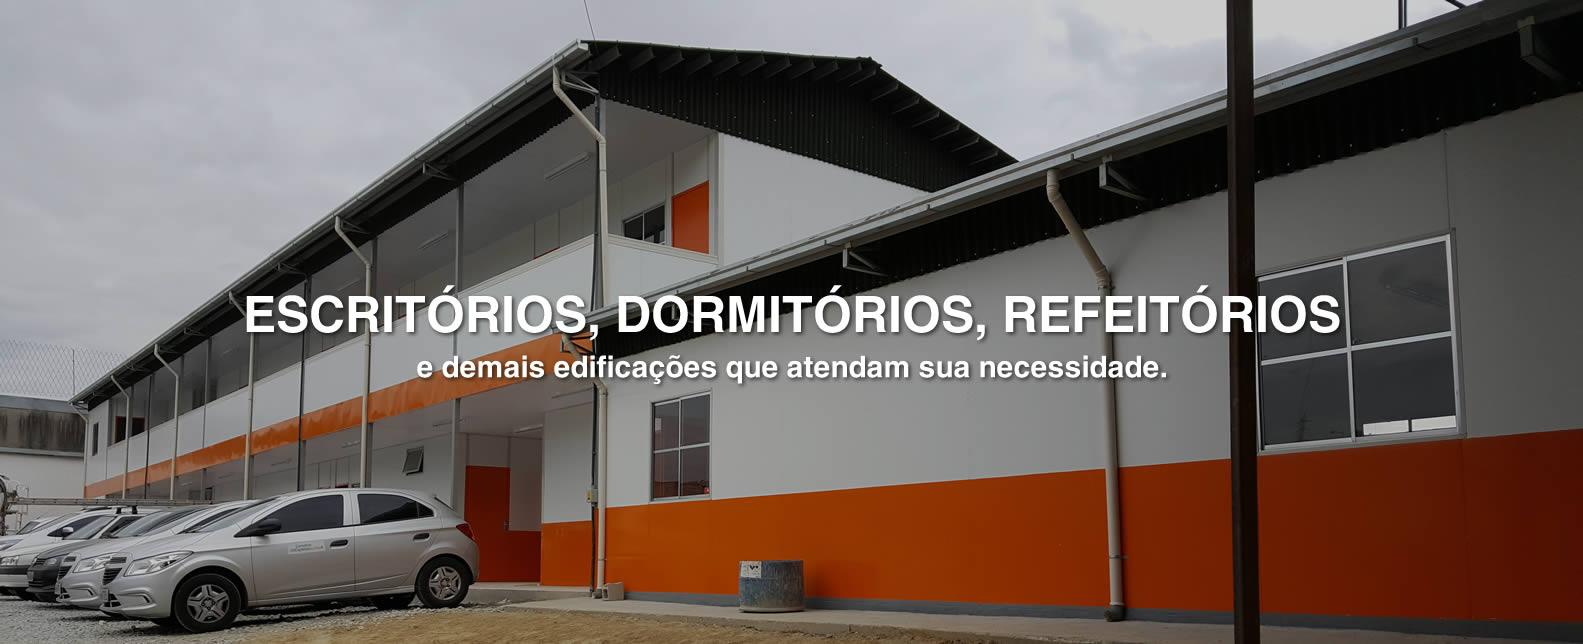 Cerne Construções | Escritório de obra, Construção Provisória, Alojamentos de obras, Galpões Metálicos e Canteiro de madeira de obras.